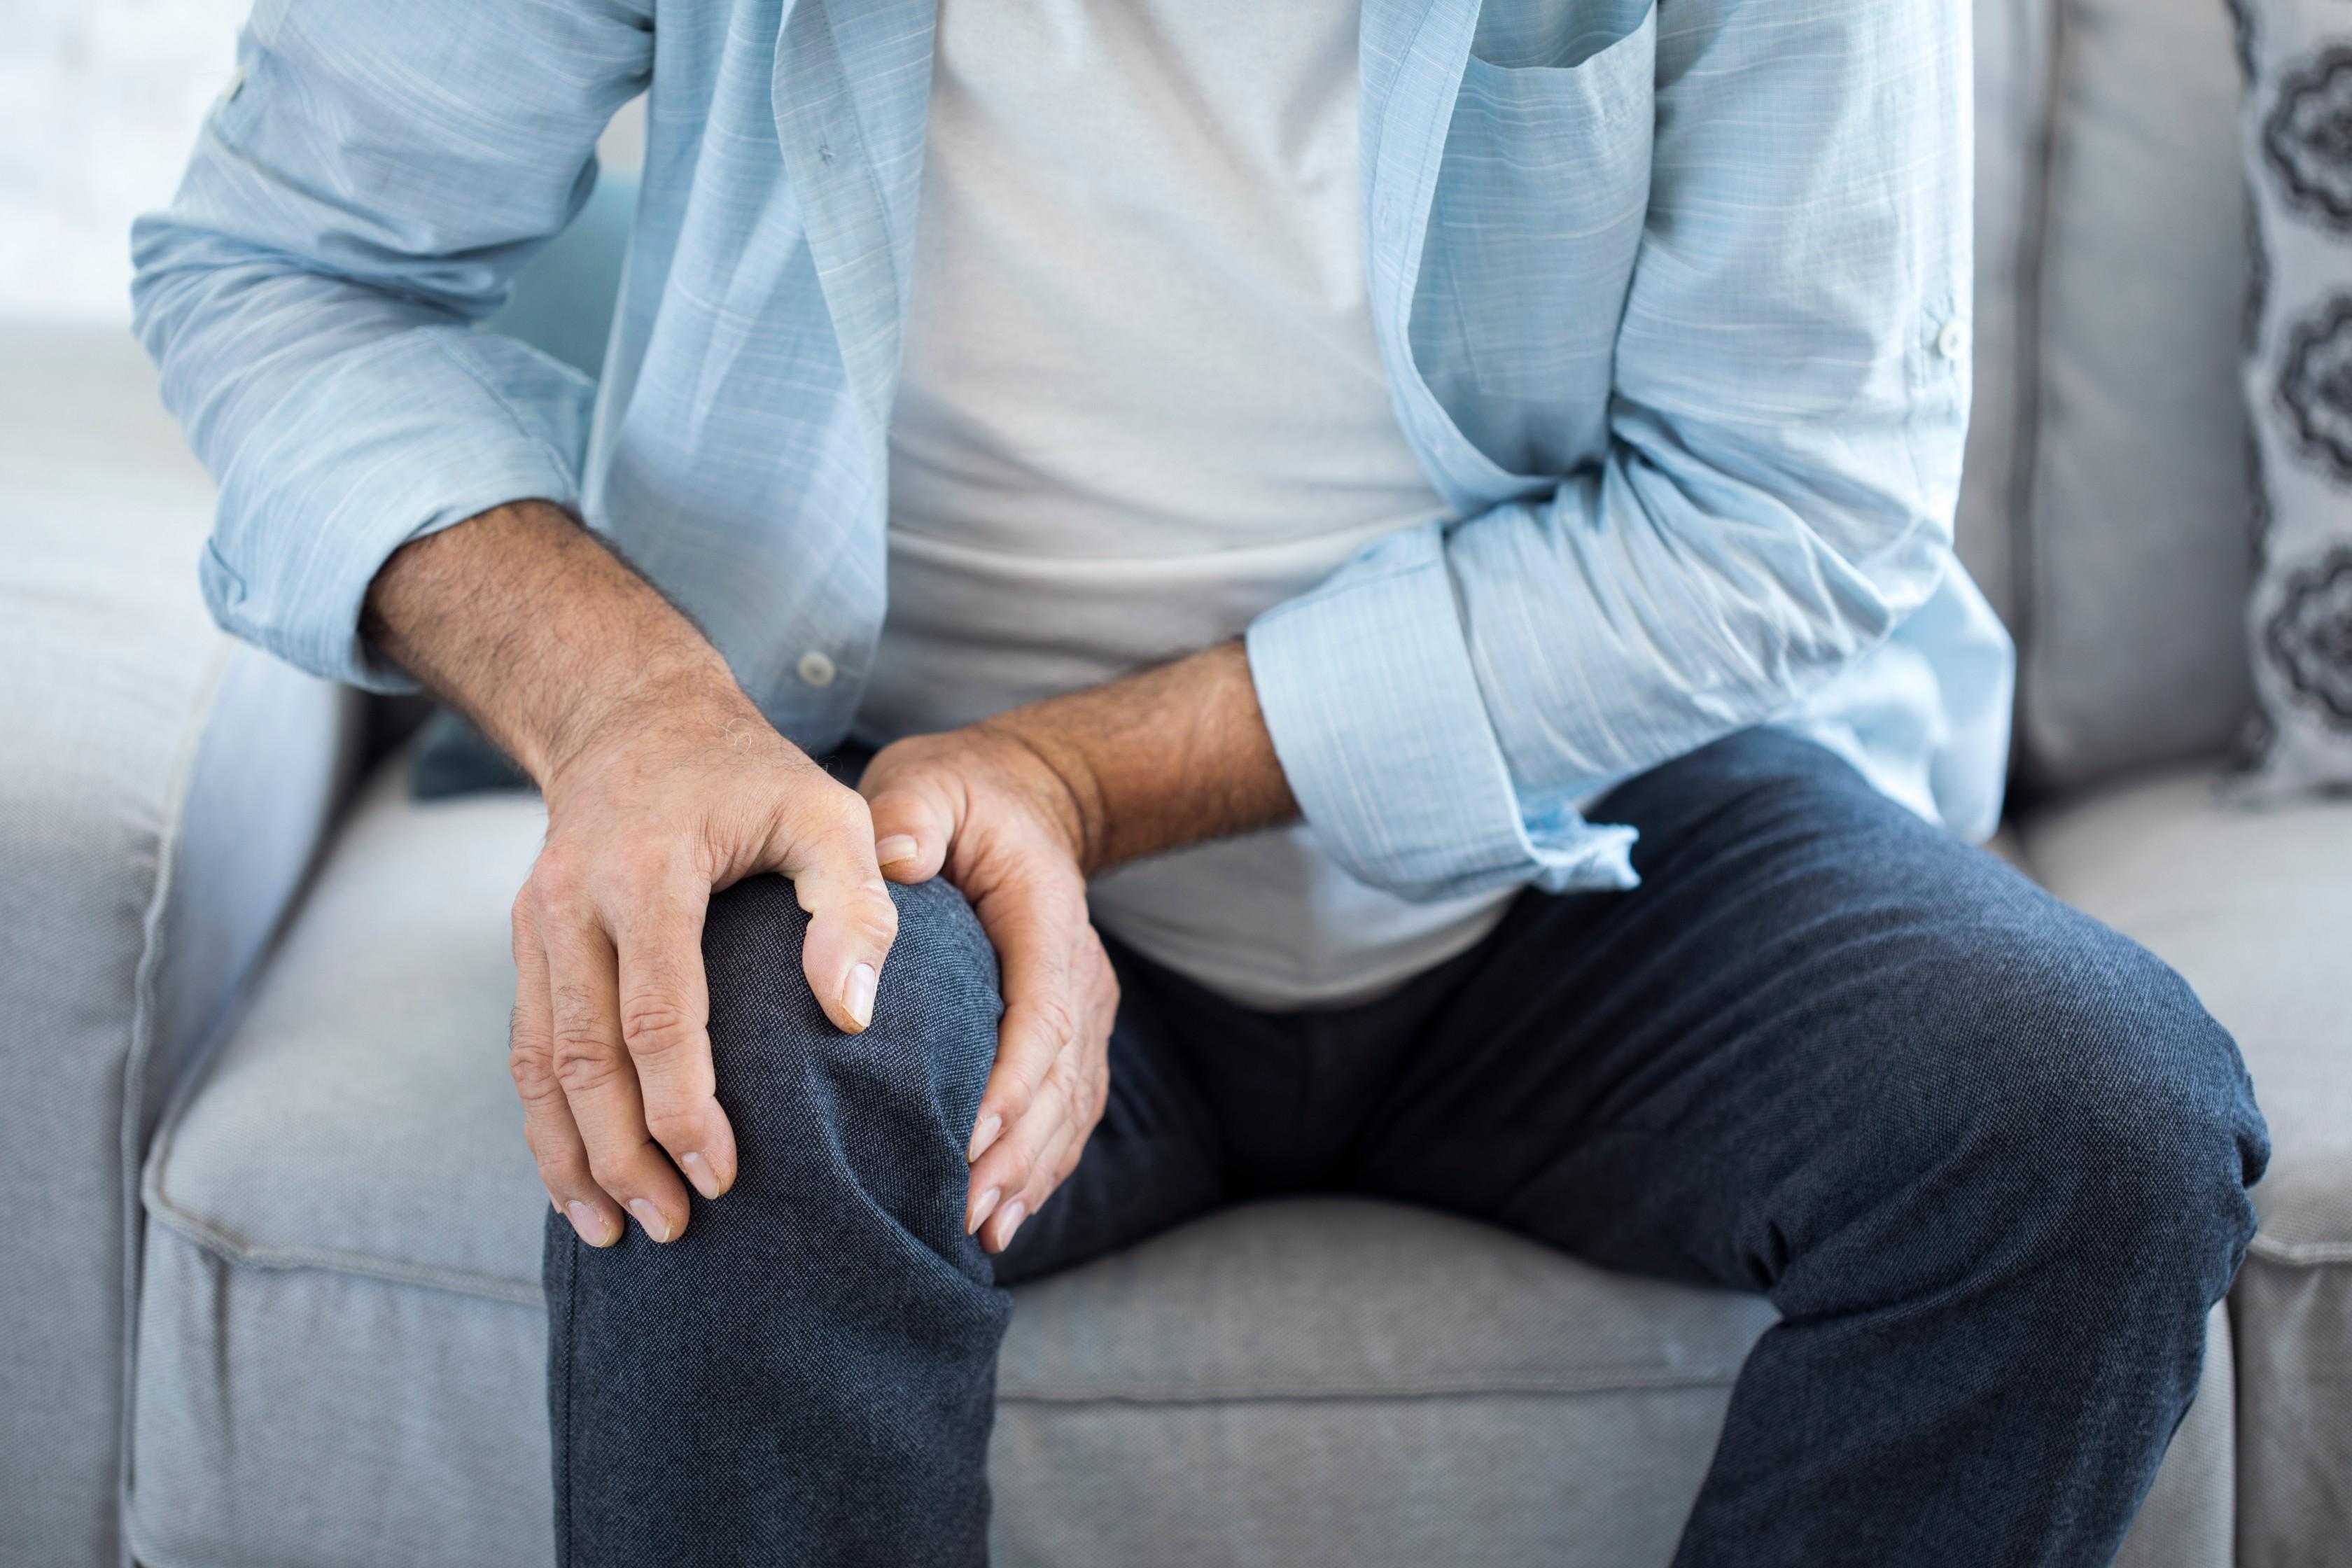 mit kell tenni a lábakban fájdalom az ízületek fájdalma